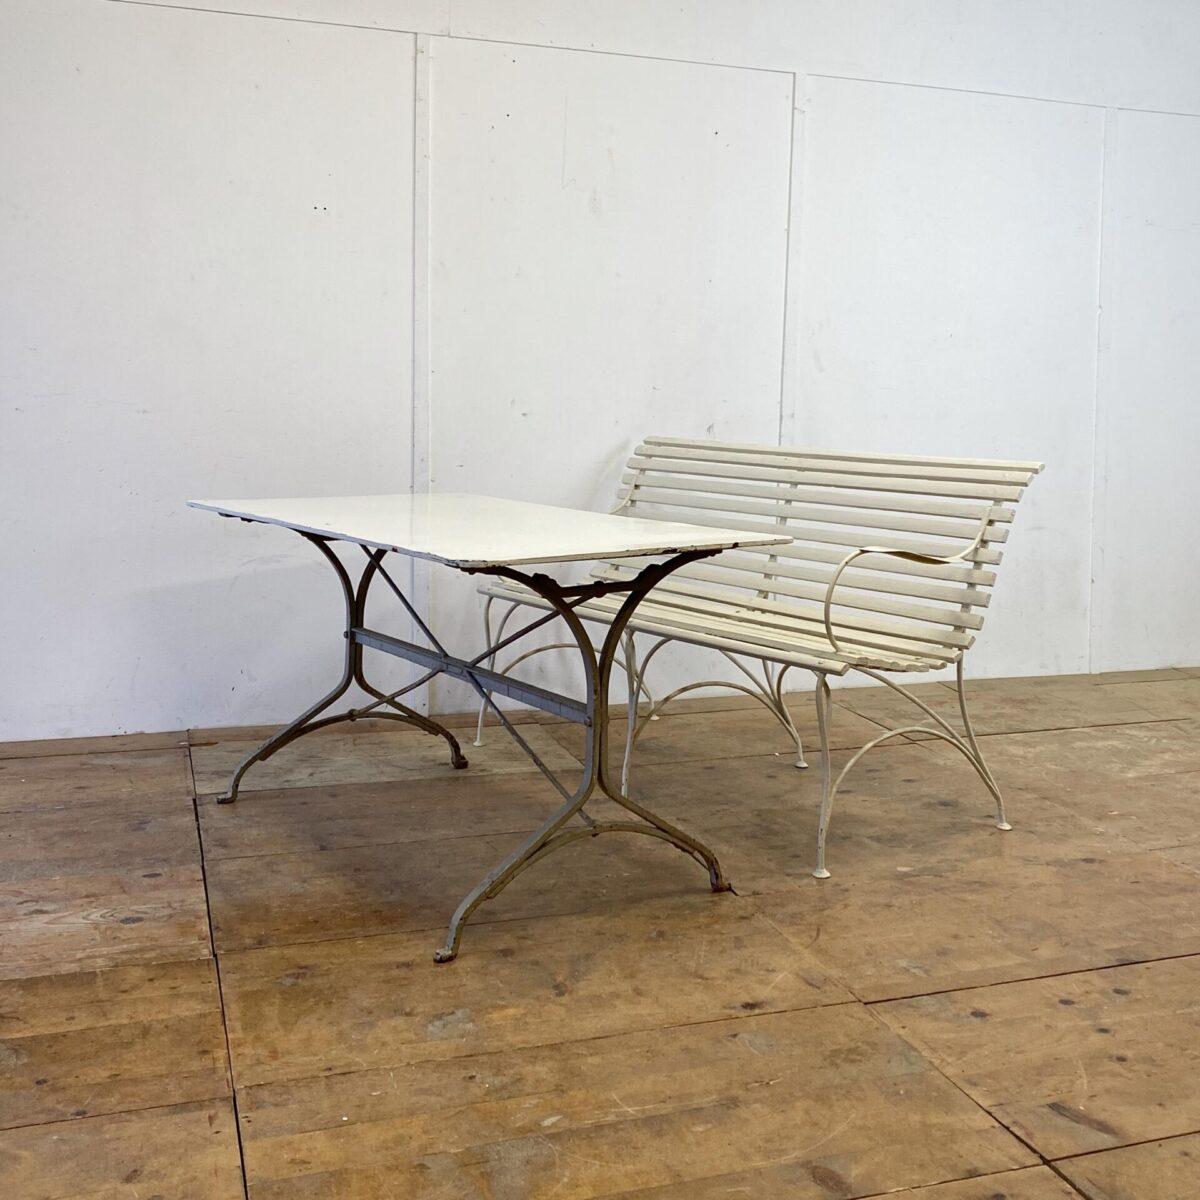 Antiker Jugendstil Gartentisch. 140x75cm Höhe 73cm. Der Tisch ist in gesundem Zustand keine Durchrostung. Relativ da schwer da das Tischblatt etwas dicker ist als bei vergleichbaren Tischen aus der Zeit.